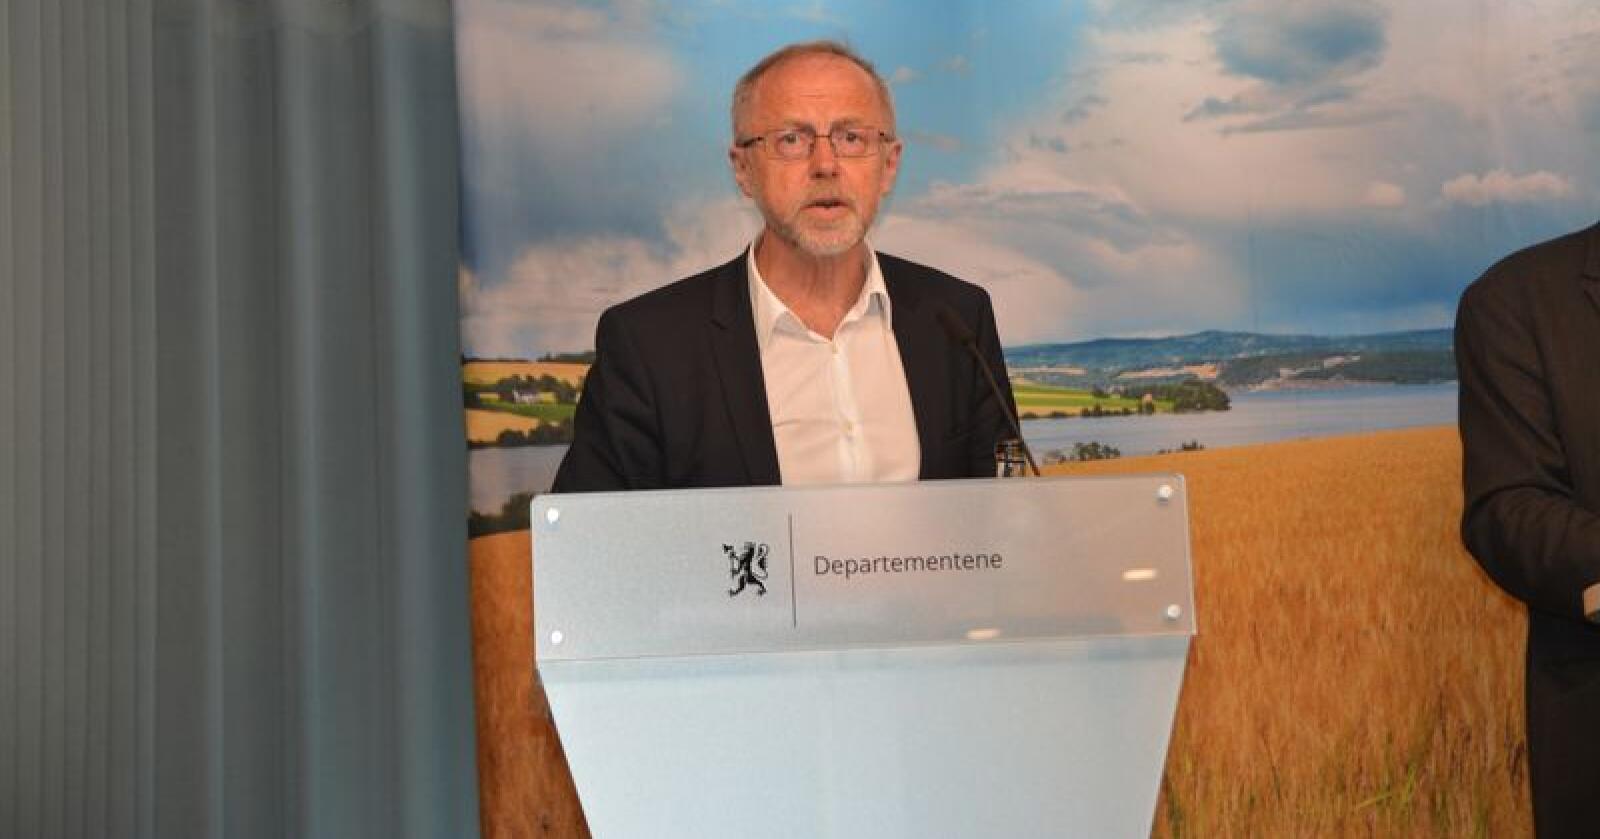 – Det er flere elementer i kravet som vil skape utfordringer i den videre prosessen, uttaler statens forhandlingsleder Leif Forsel etter å ha fått kravet fra jordbrukets forhandlingsutvalg. Foto: Anders Sandbu